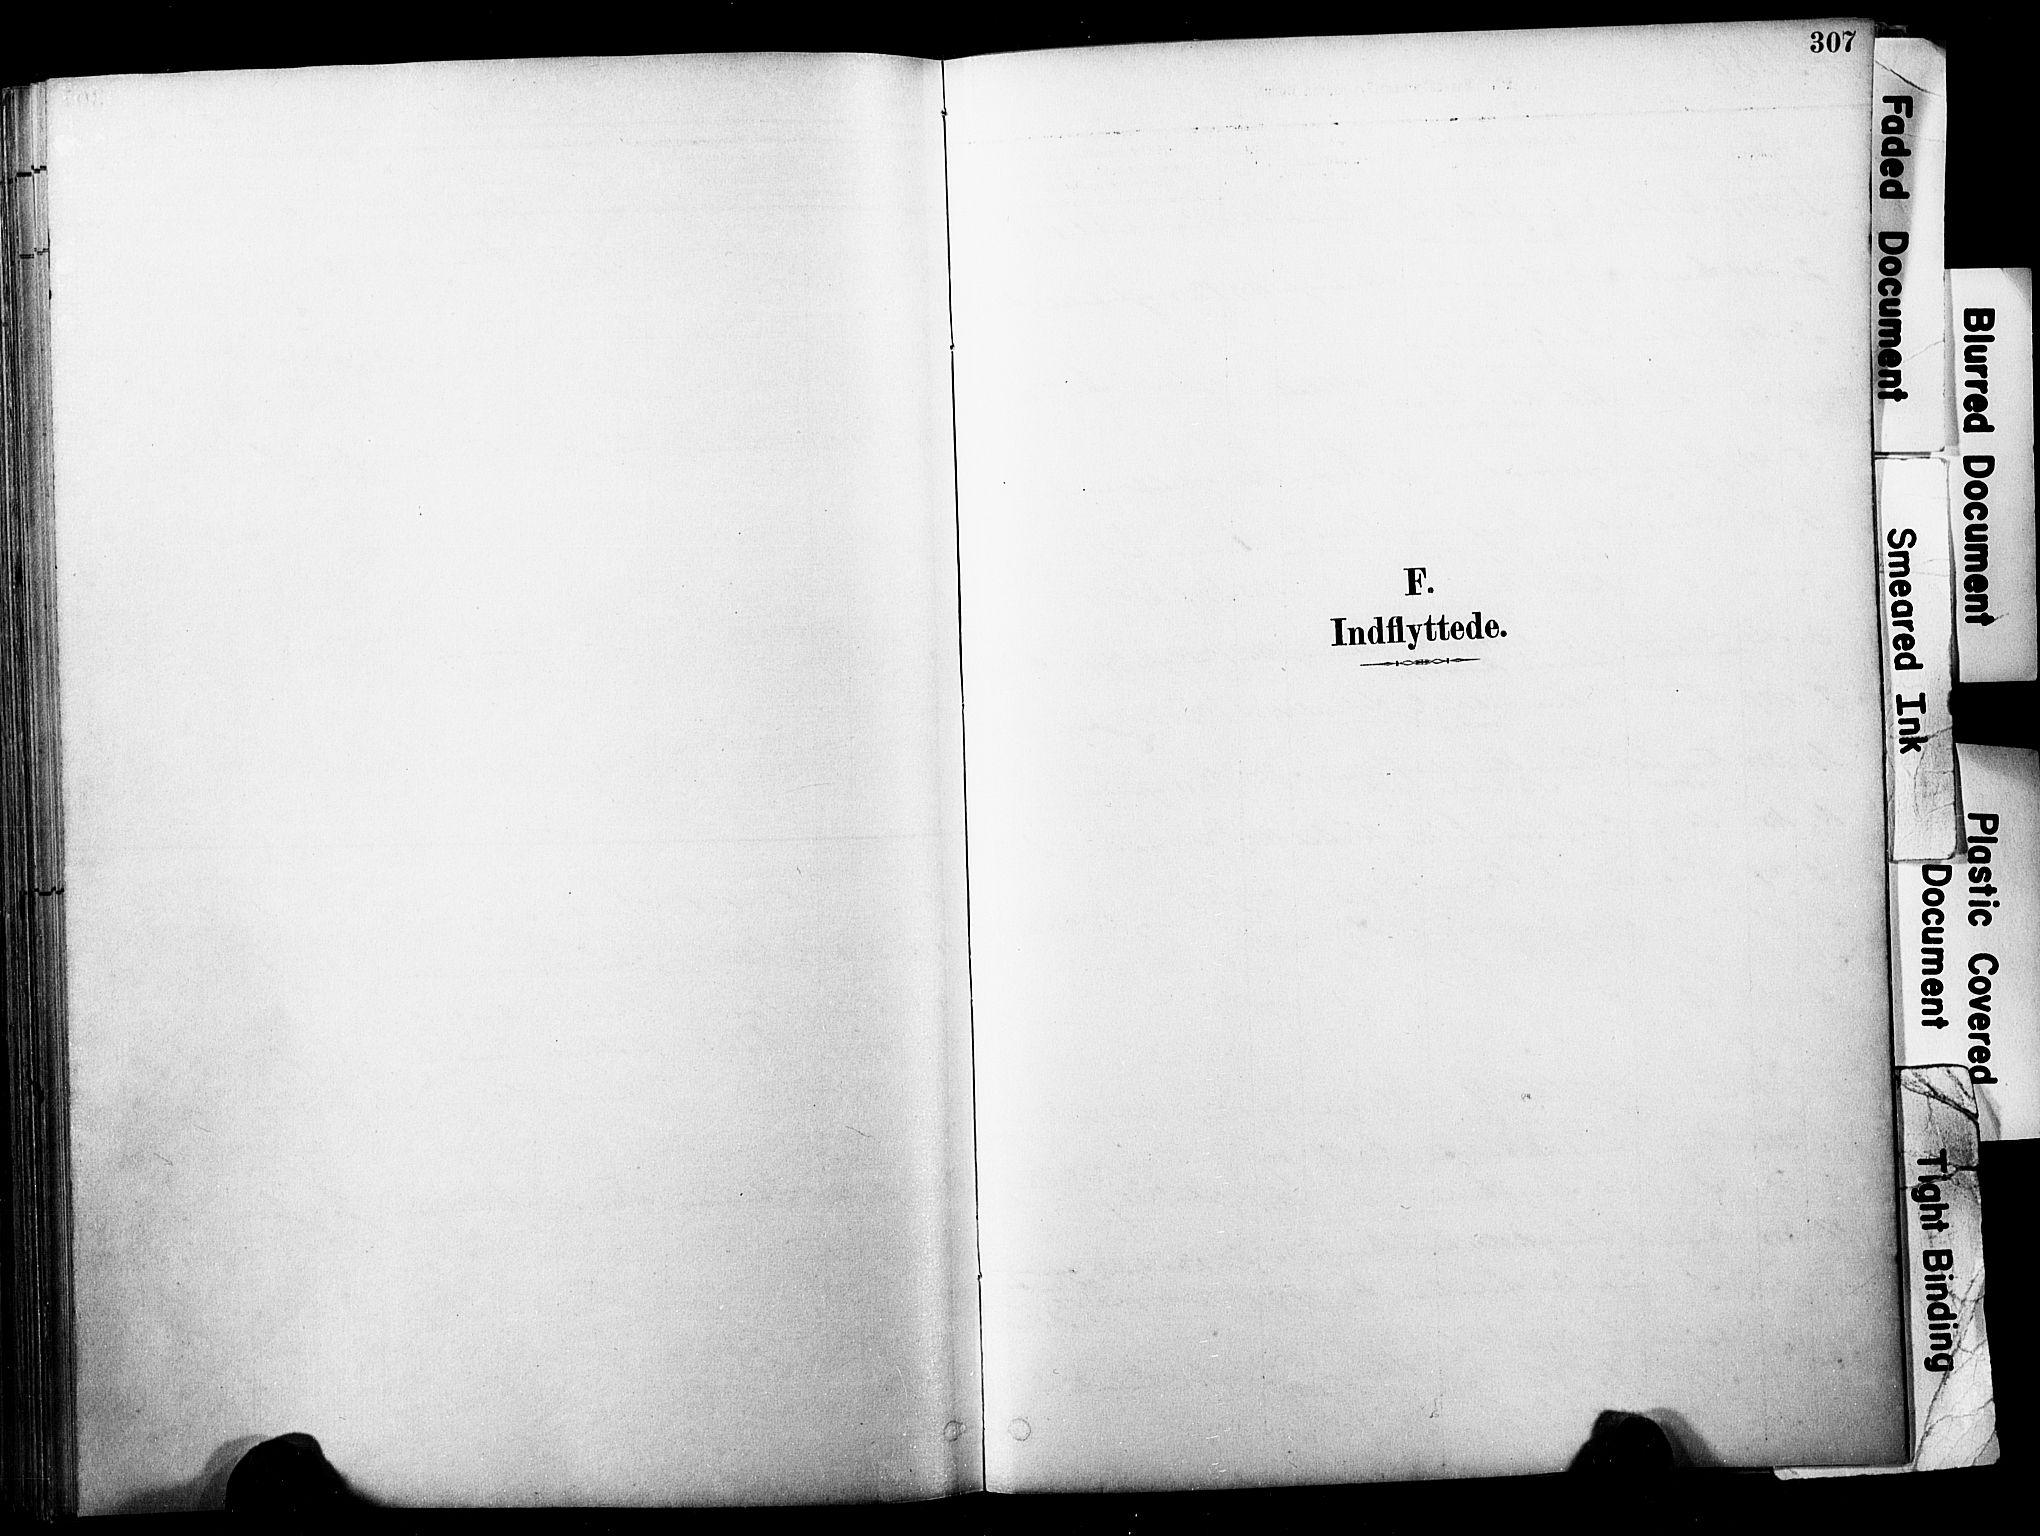 SAKO, Horten kirkebøker, F/Fa/L0004: Ministerialbok nr. 4, 1888-1895, s. 307